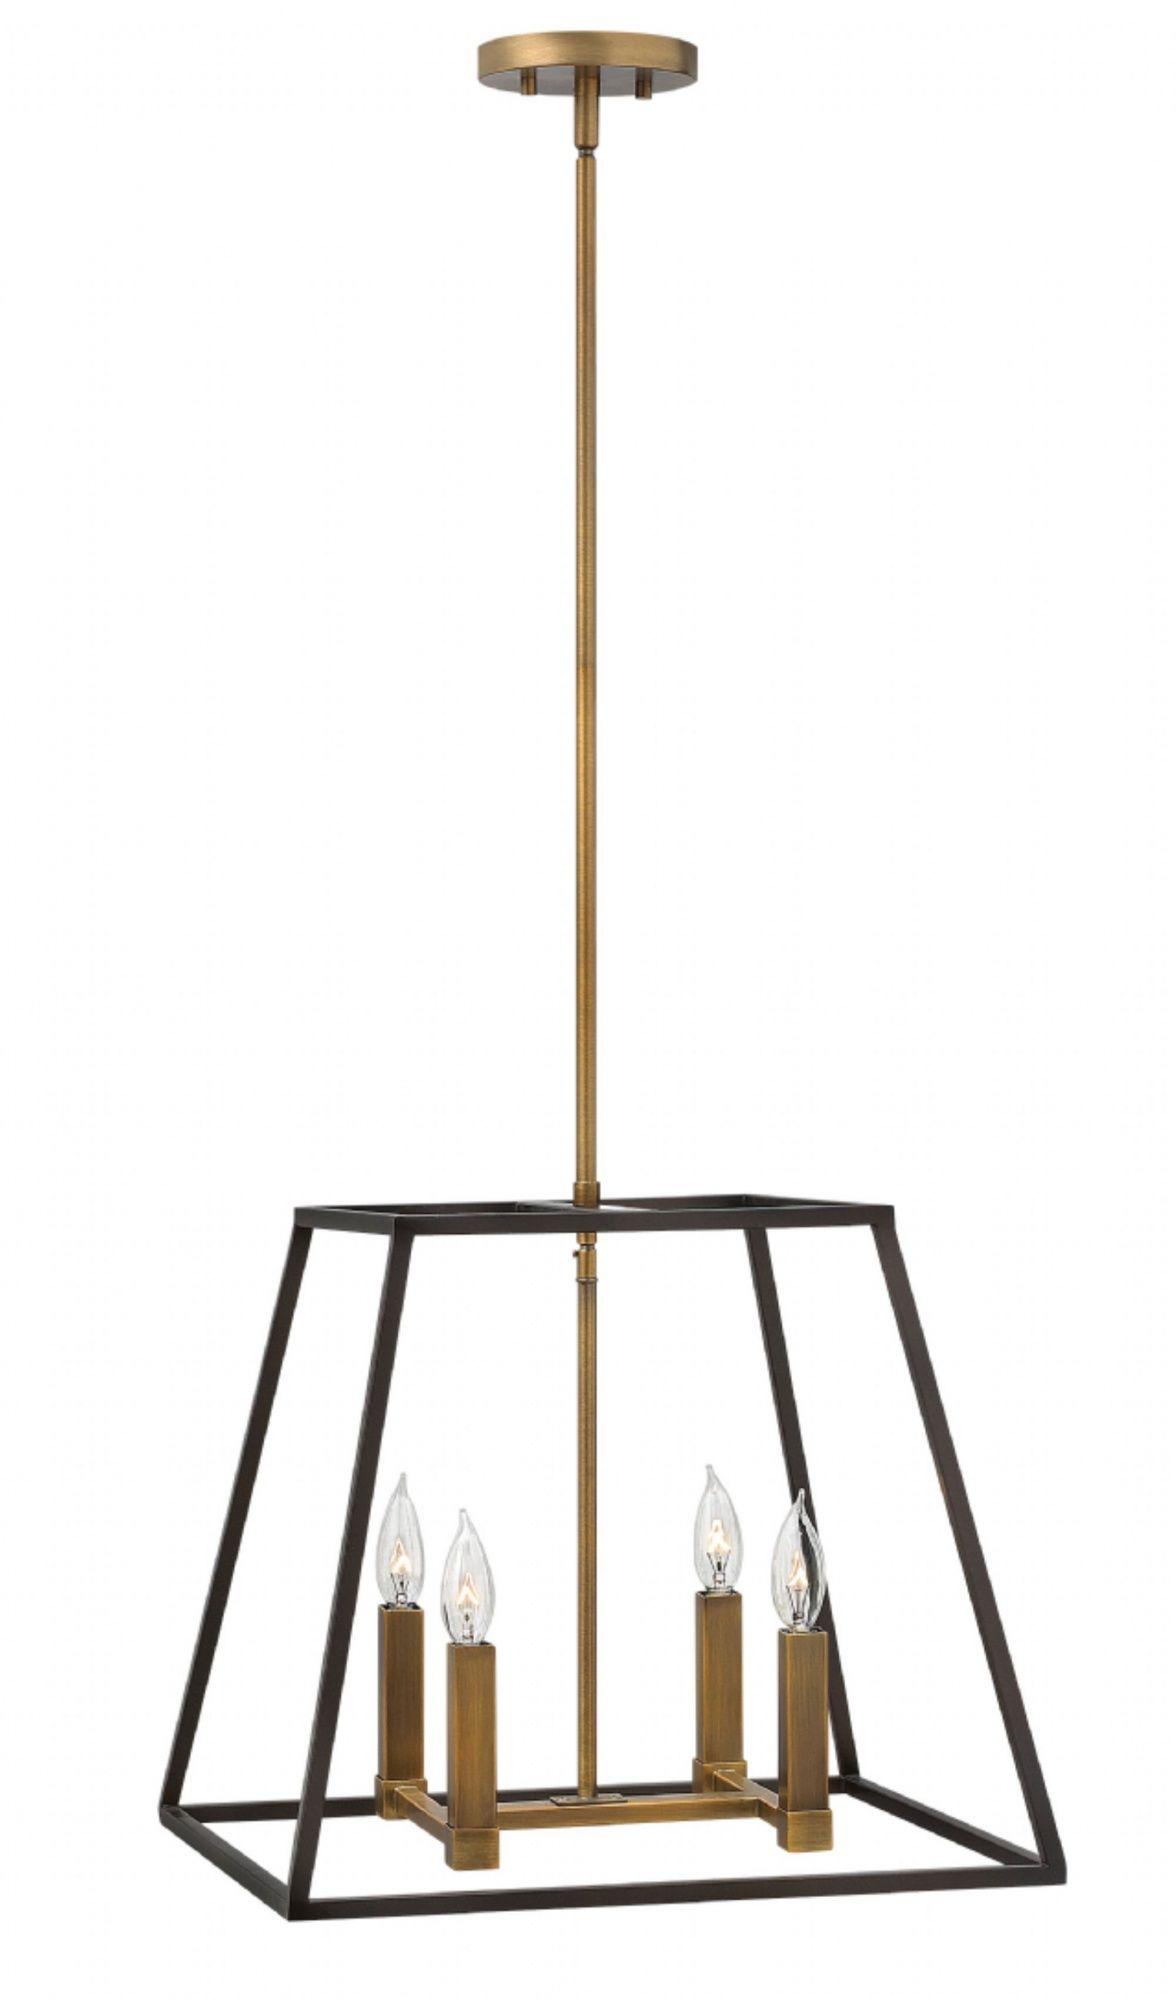 Lampa wisząca Fulton HK/FULTON/4P Hinkley poczwórna oprawa w dekoracyjnym stylu